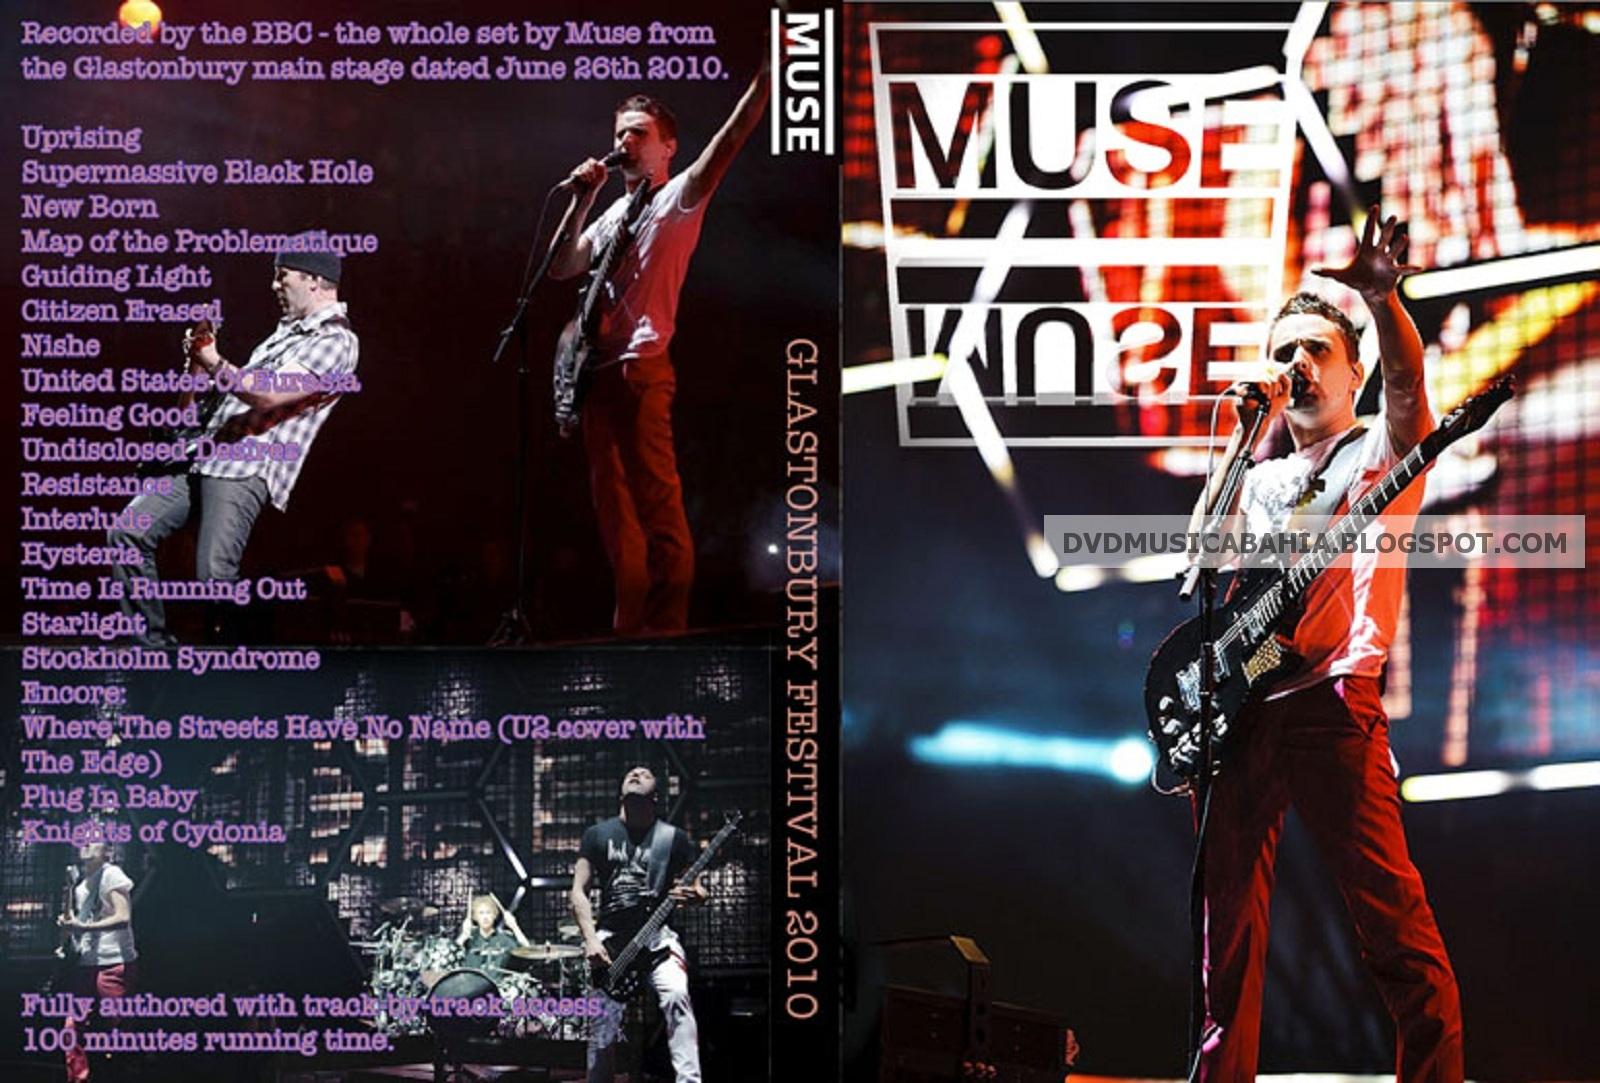 Los Mejores Dvd De Musica Y Mas Muse Live Al